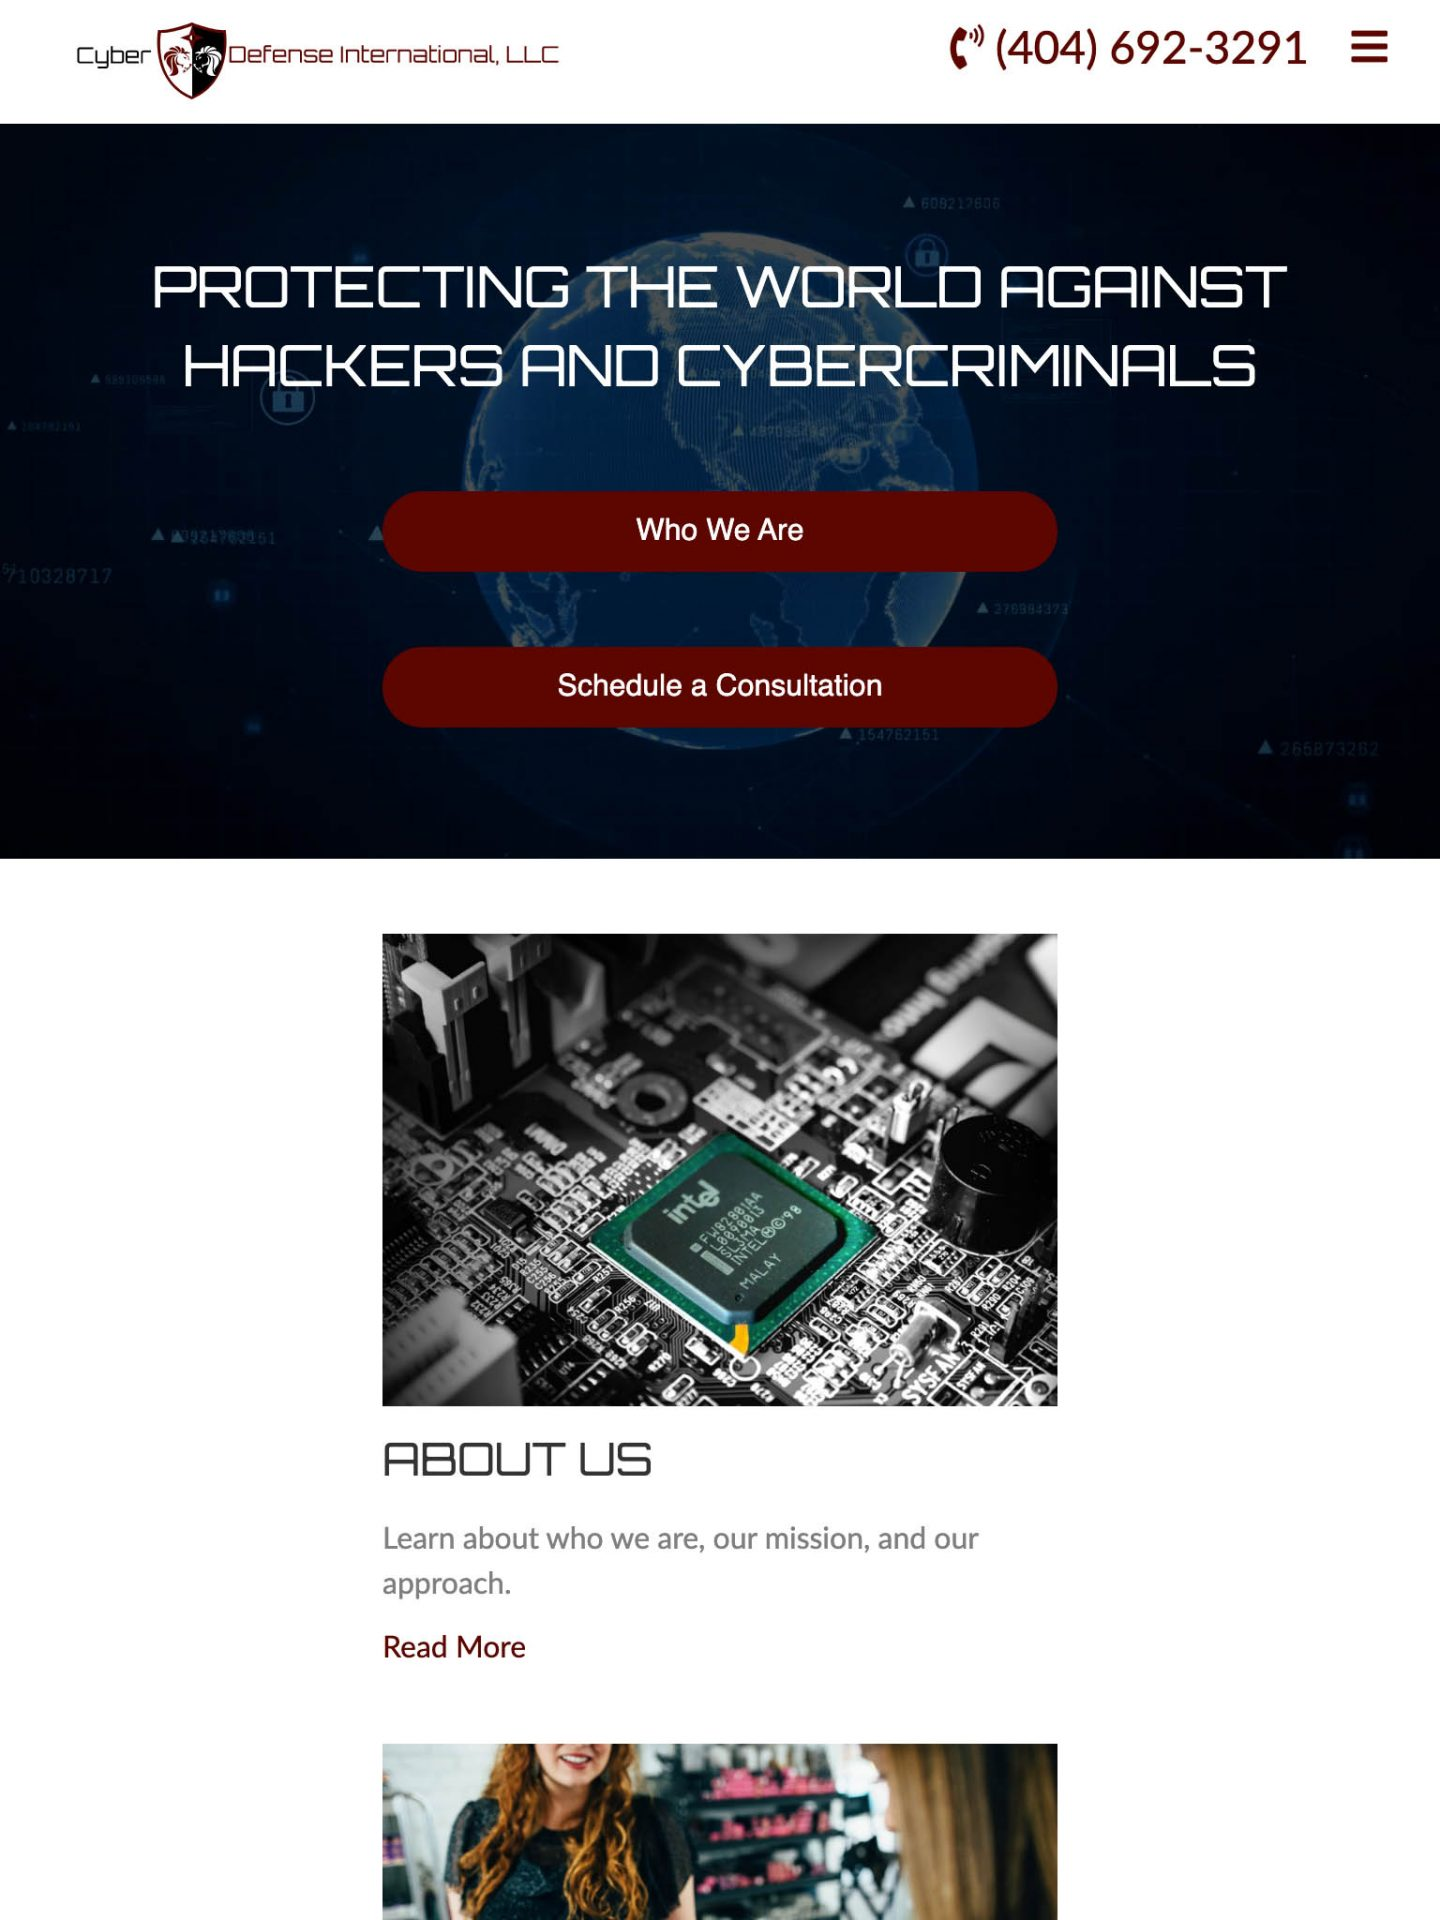 cyber-defense-atlanta-tablet-web-design-1